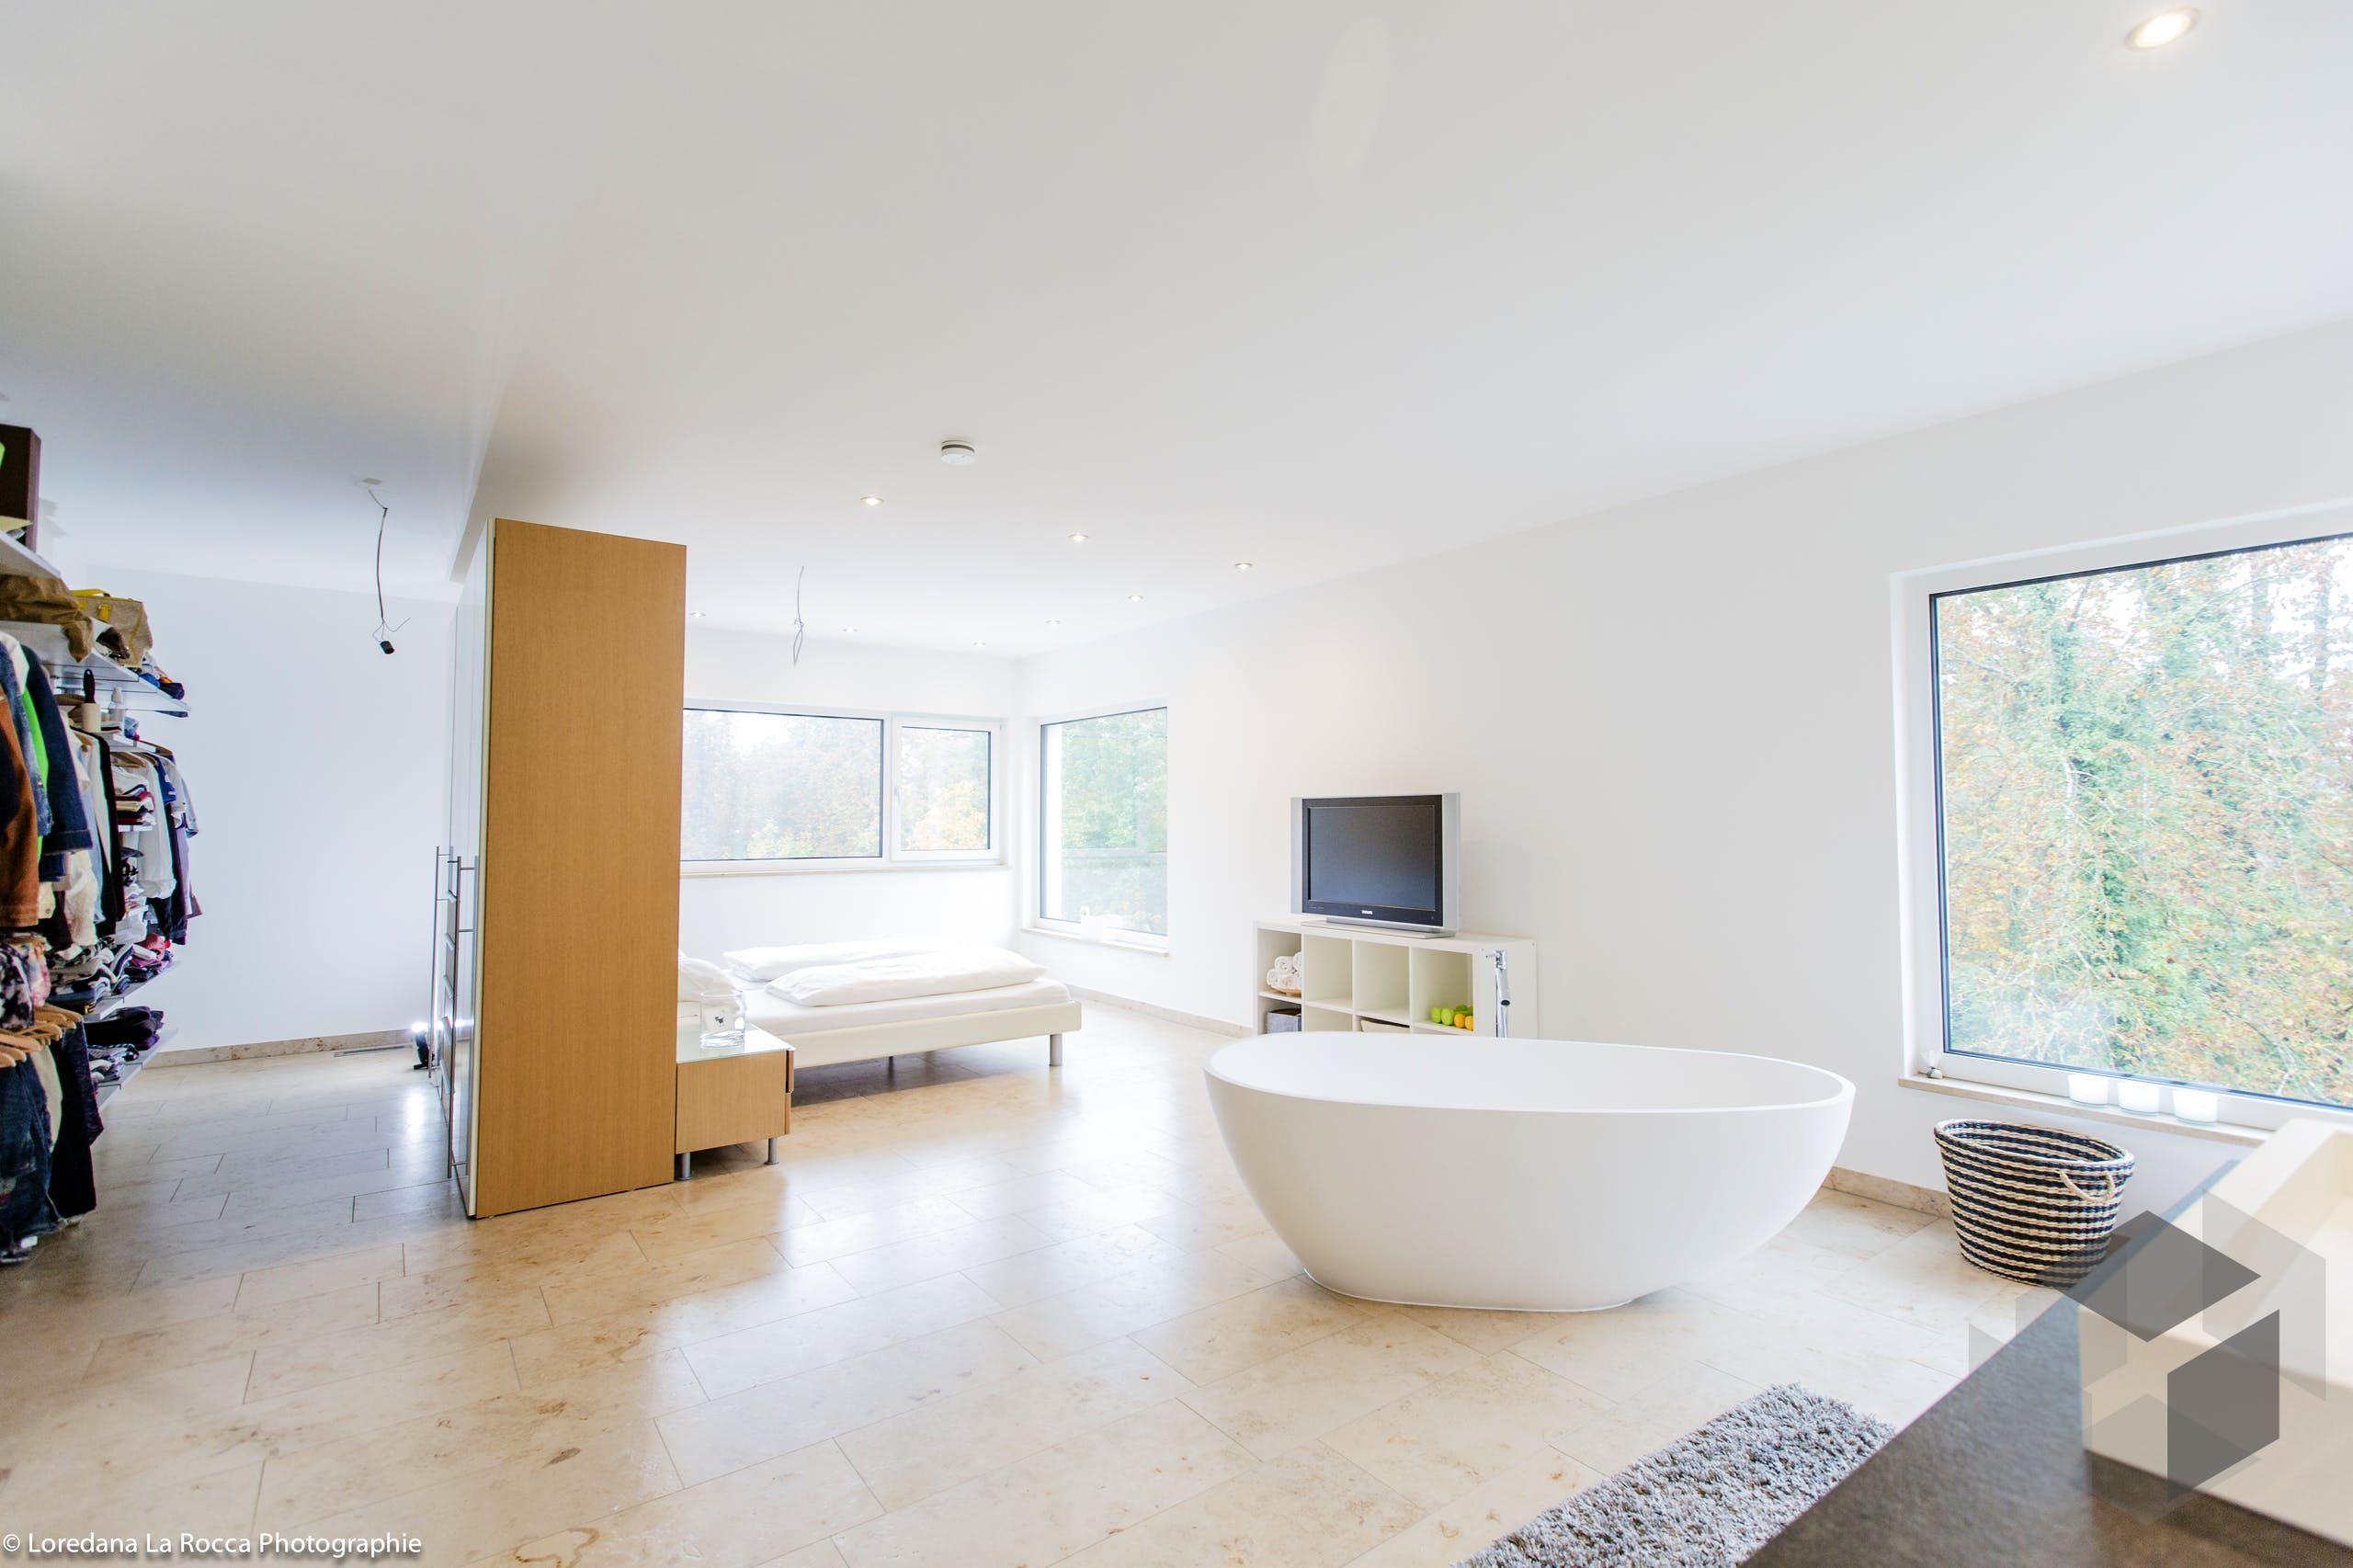 Badewanne Schlafzimmer